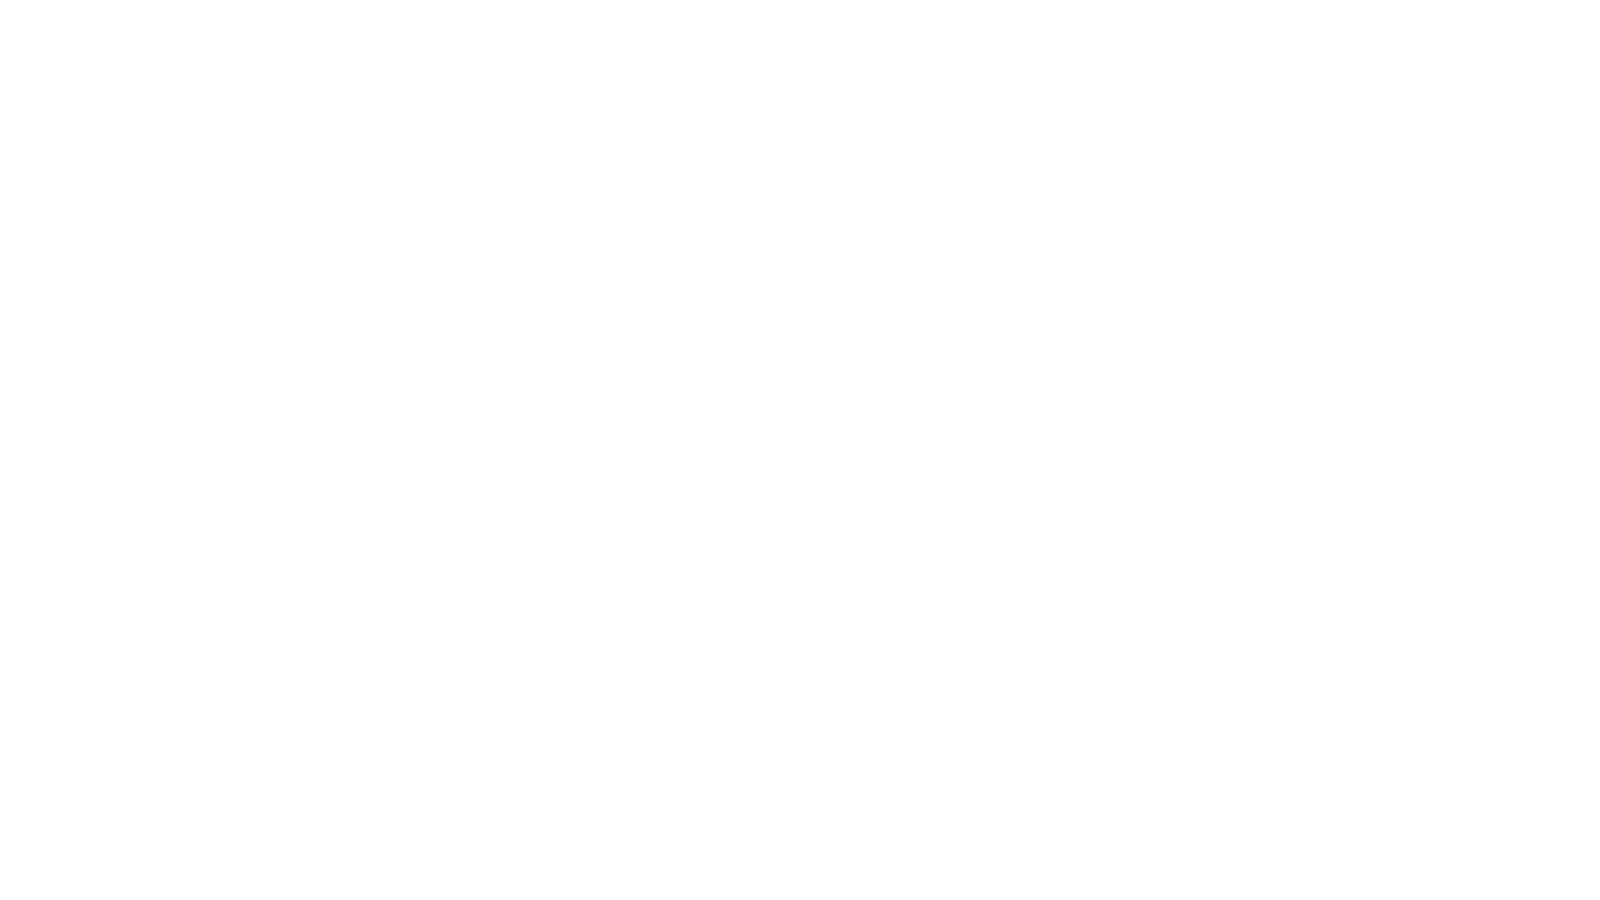 Shopnow24 yeni gida alisveris sayfasi. Hazirlanis yili 2021.